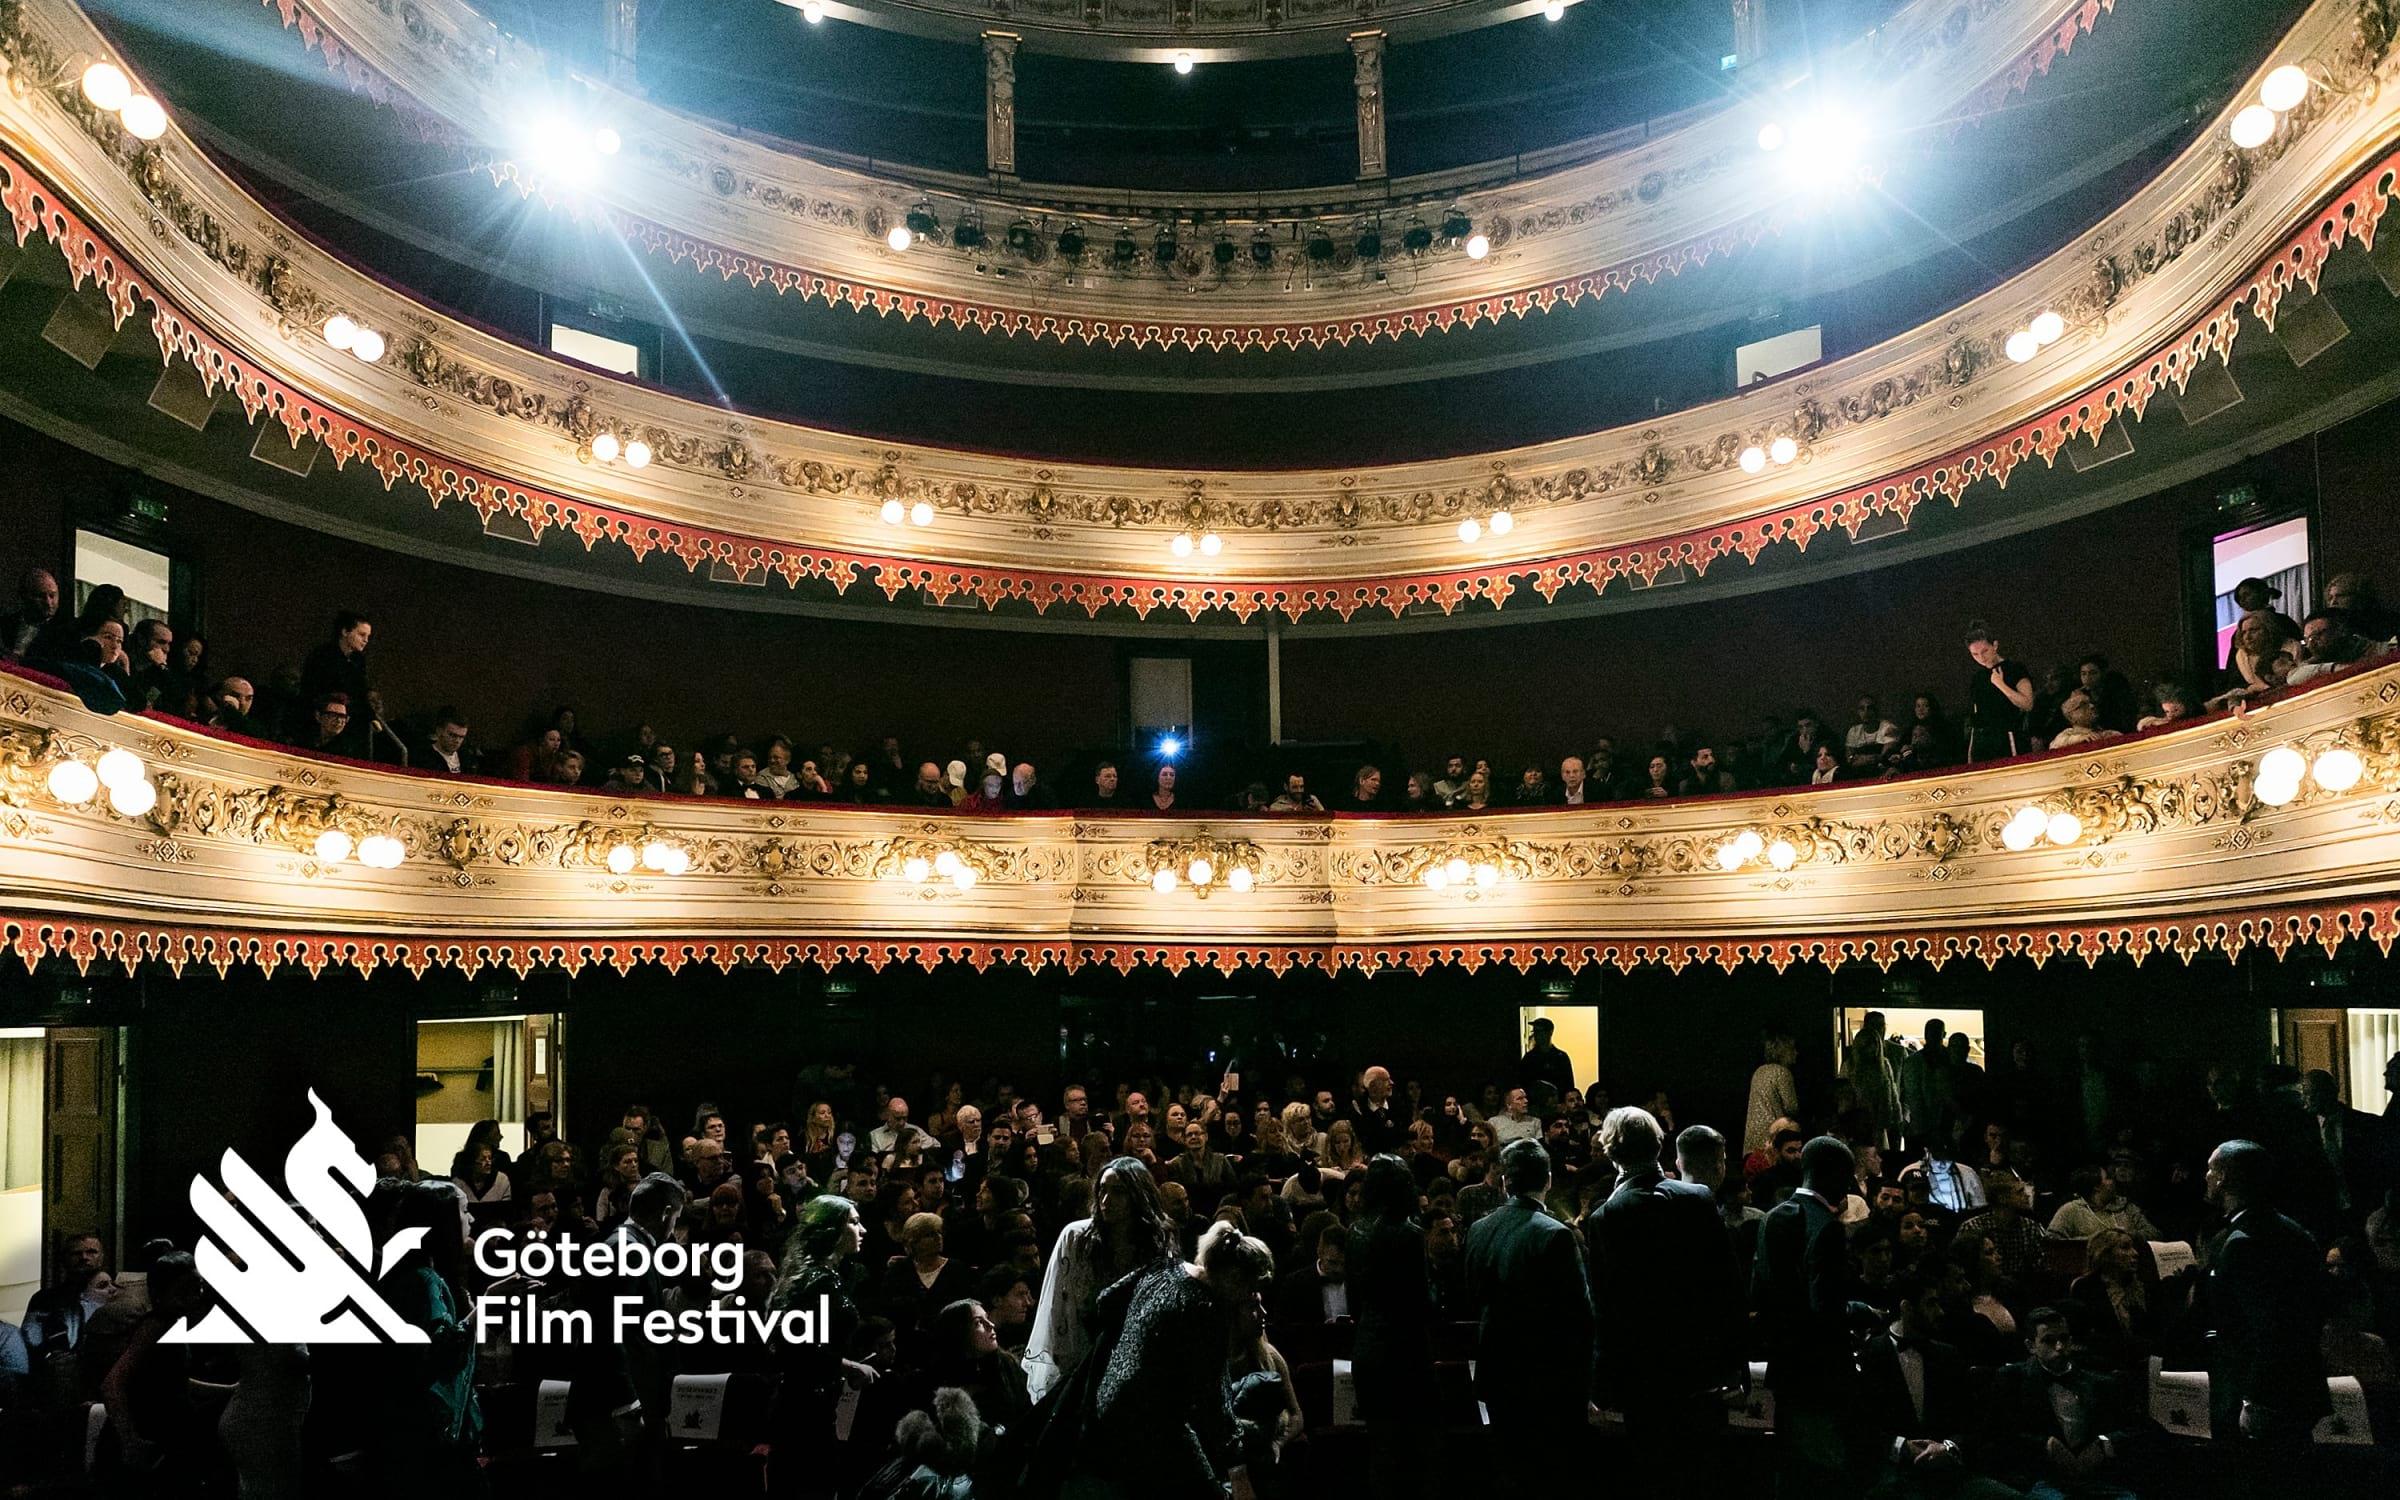 Pressbild Göteborg Film Festival